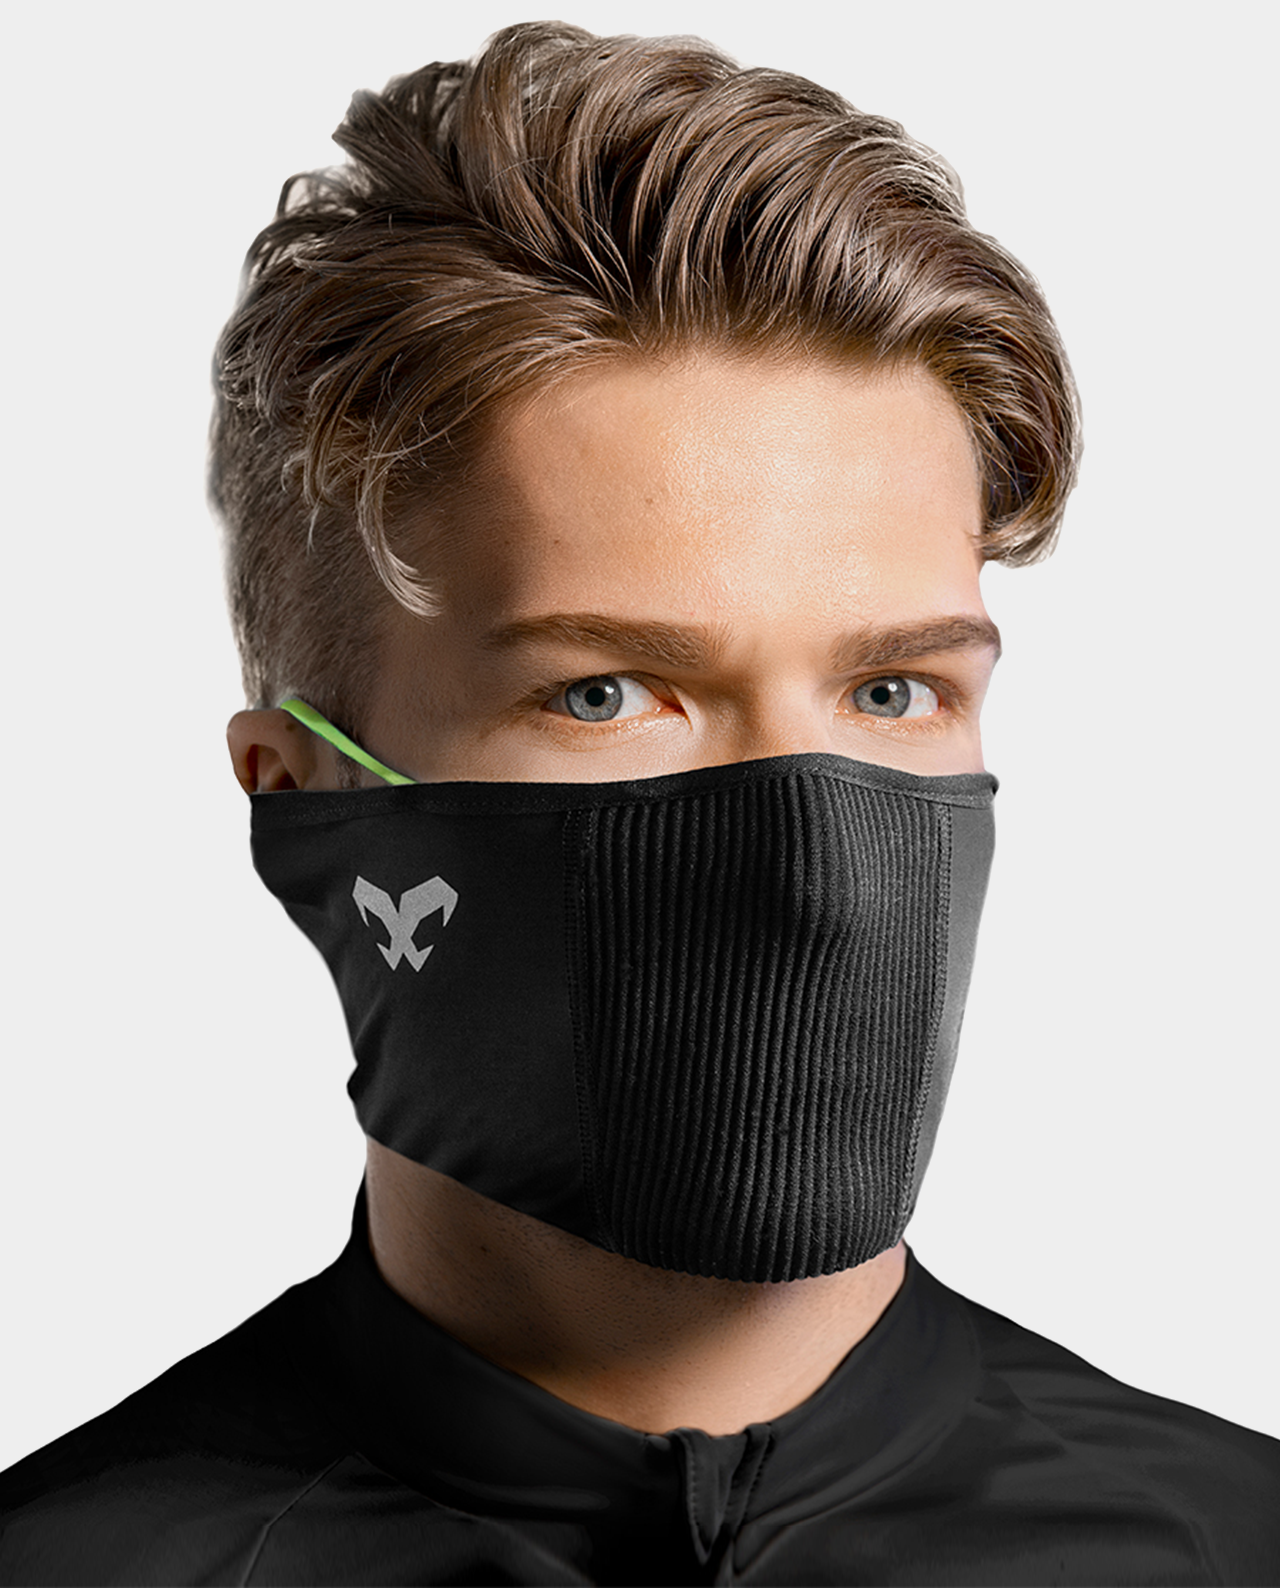 Masca pentru sportivi pentru vreme calda Naroo F1s cu filtrare particule Negru imagine